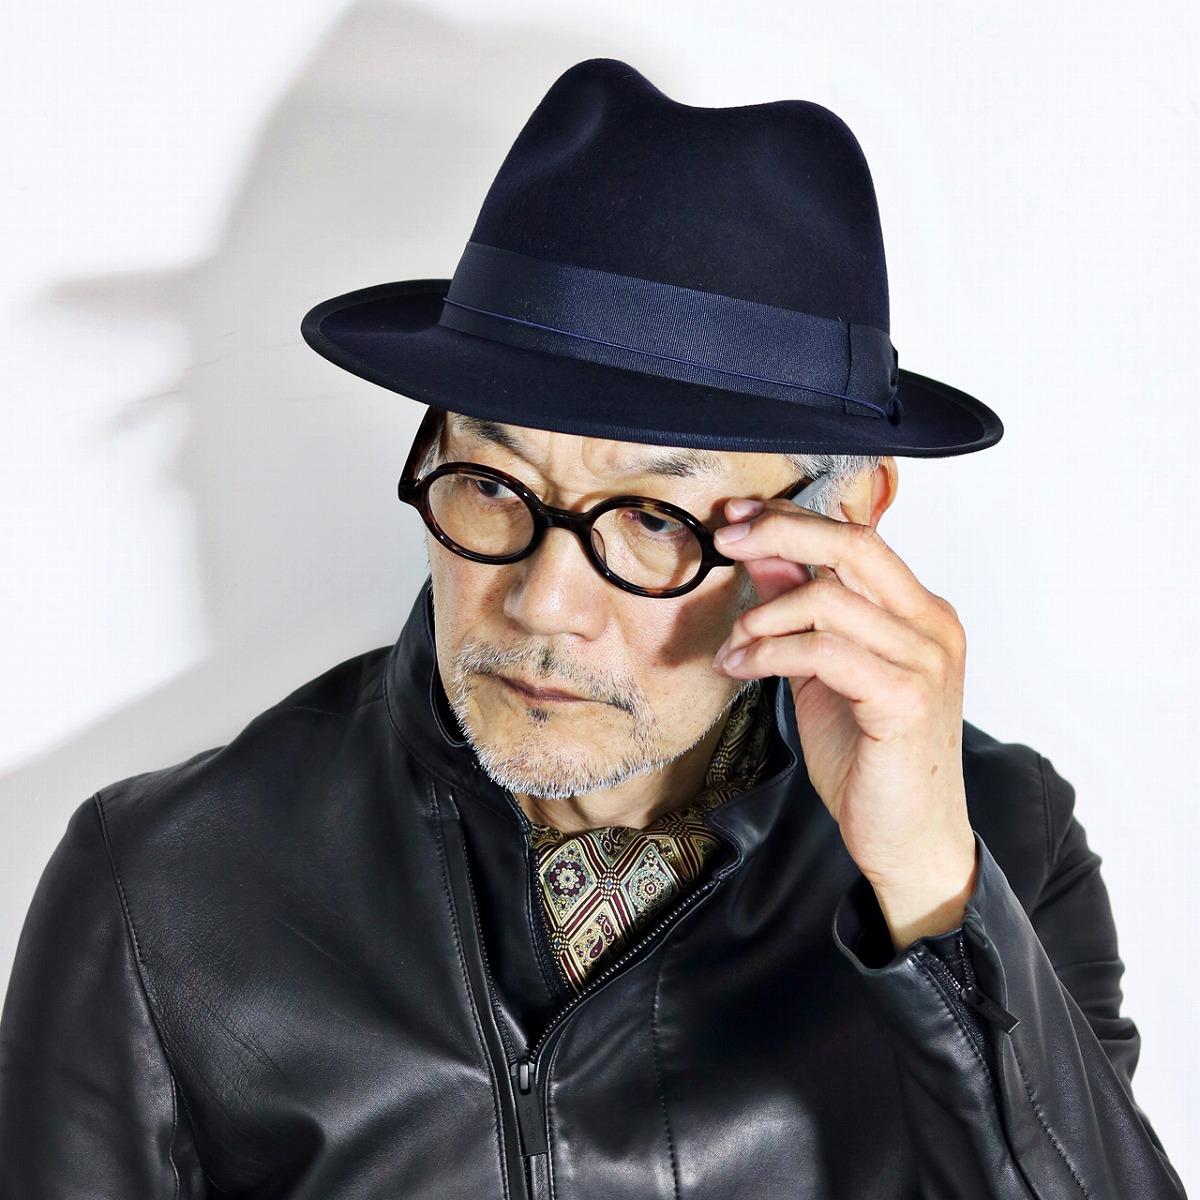 メンズ 中折れハット 秋冬 イタリア ブランド Sorbatti クラッシャブル ソルバッティ 帽子 紺 ネイビー [ fedora ] たためる帽子